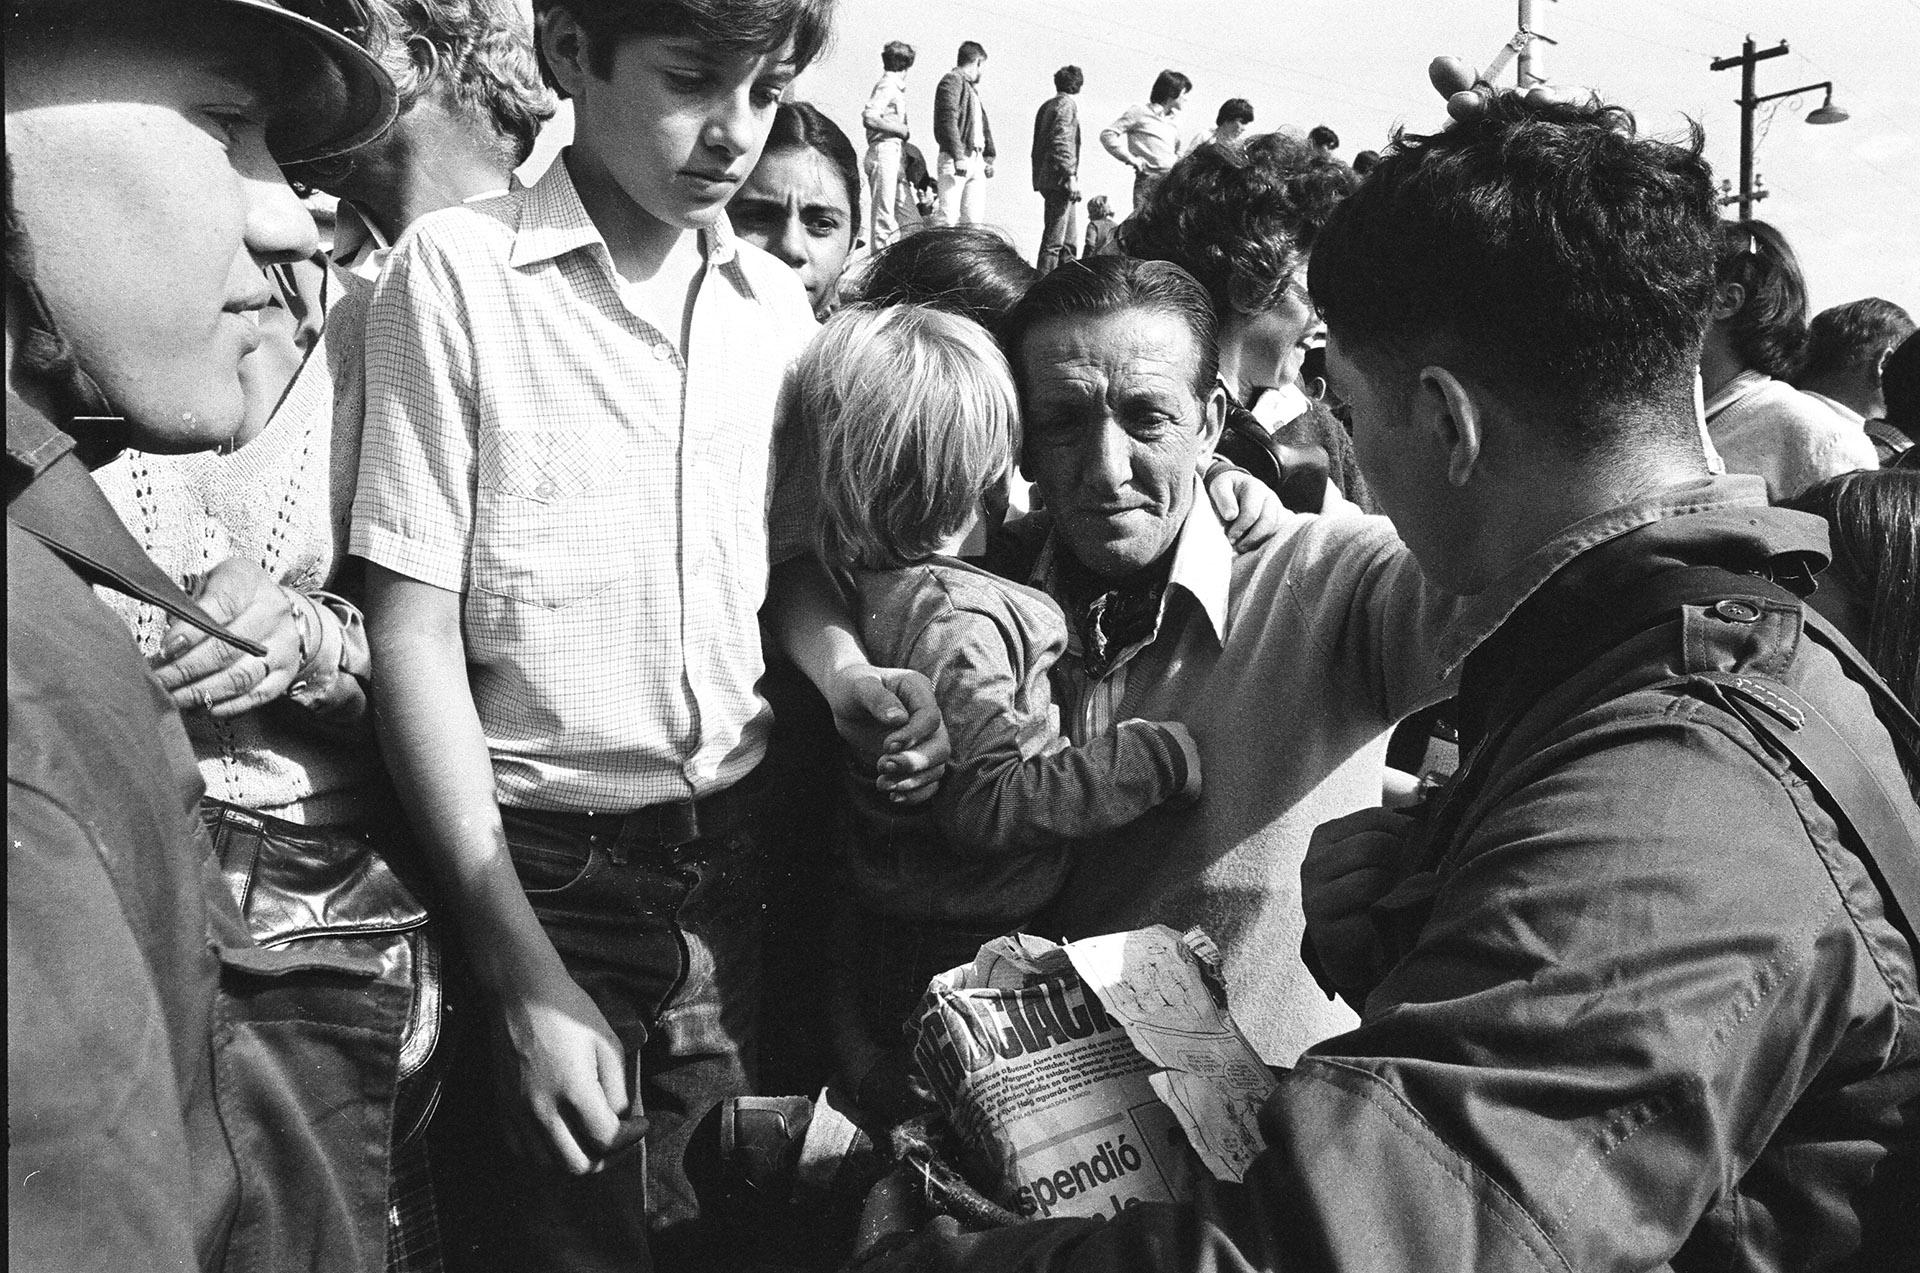 El padre abraza a su hijo pequeño y despide al mayor que parte hacia las islas Malvinas. Hay una emoción contenida e incertidumbre por lo que pueda ocurrir. (Foto: Juan Sandoval)